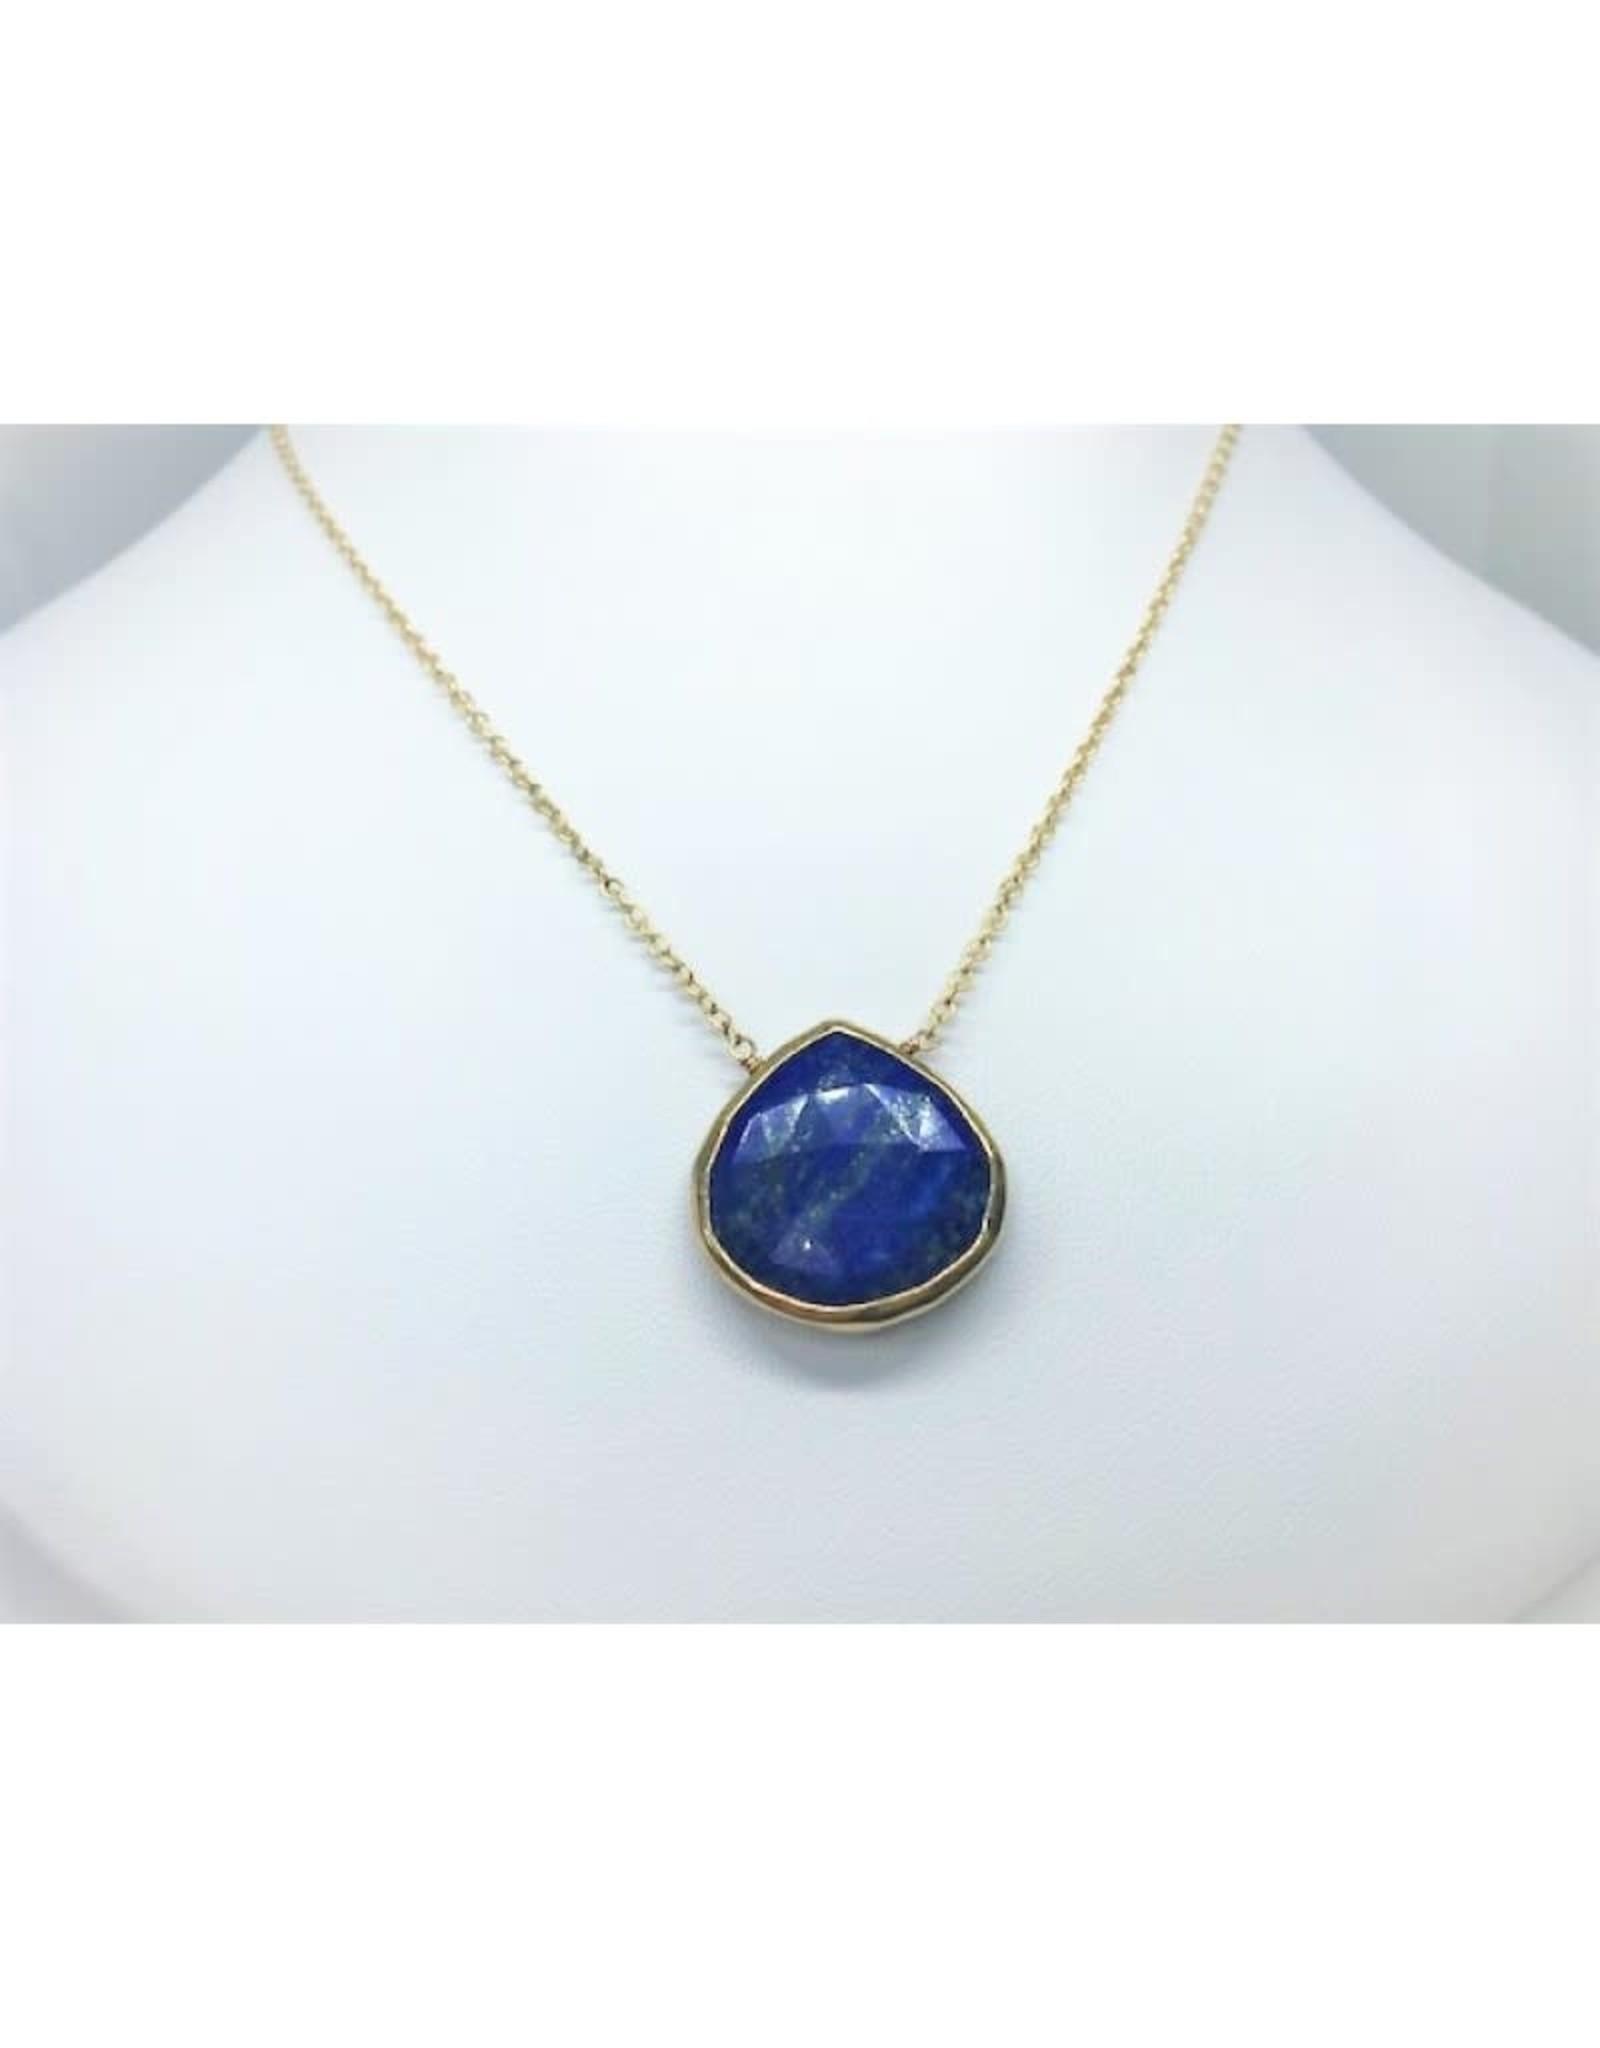 Lapis Pendant Necklace - Gold